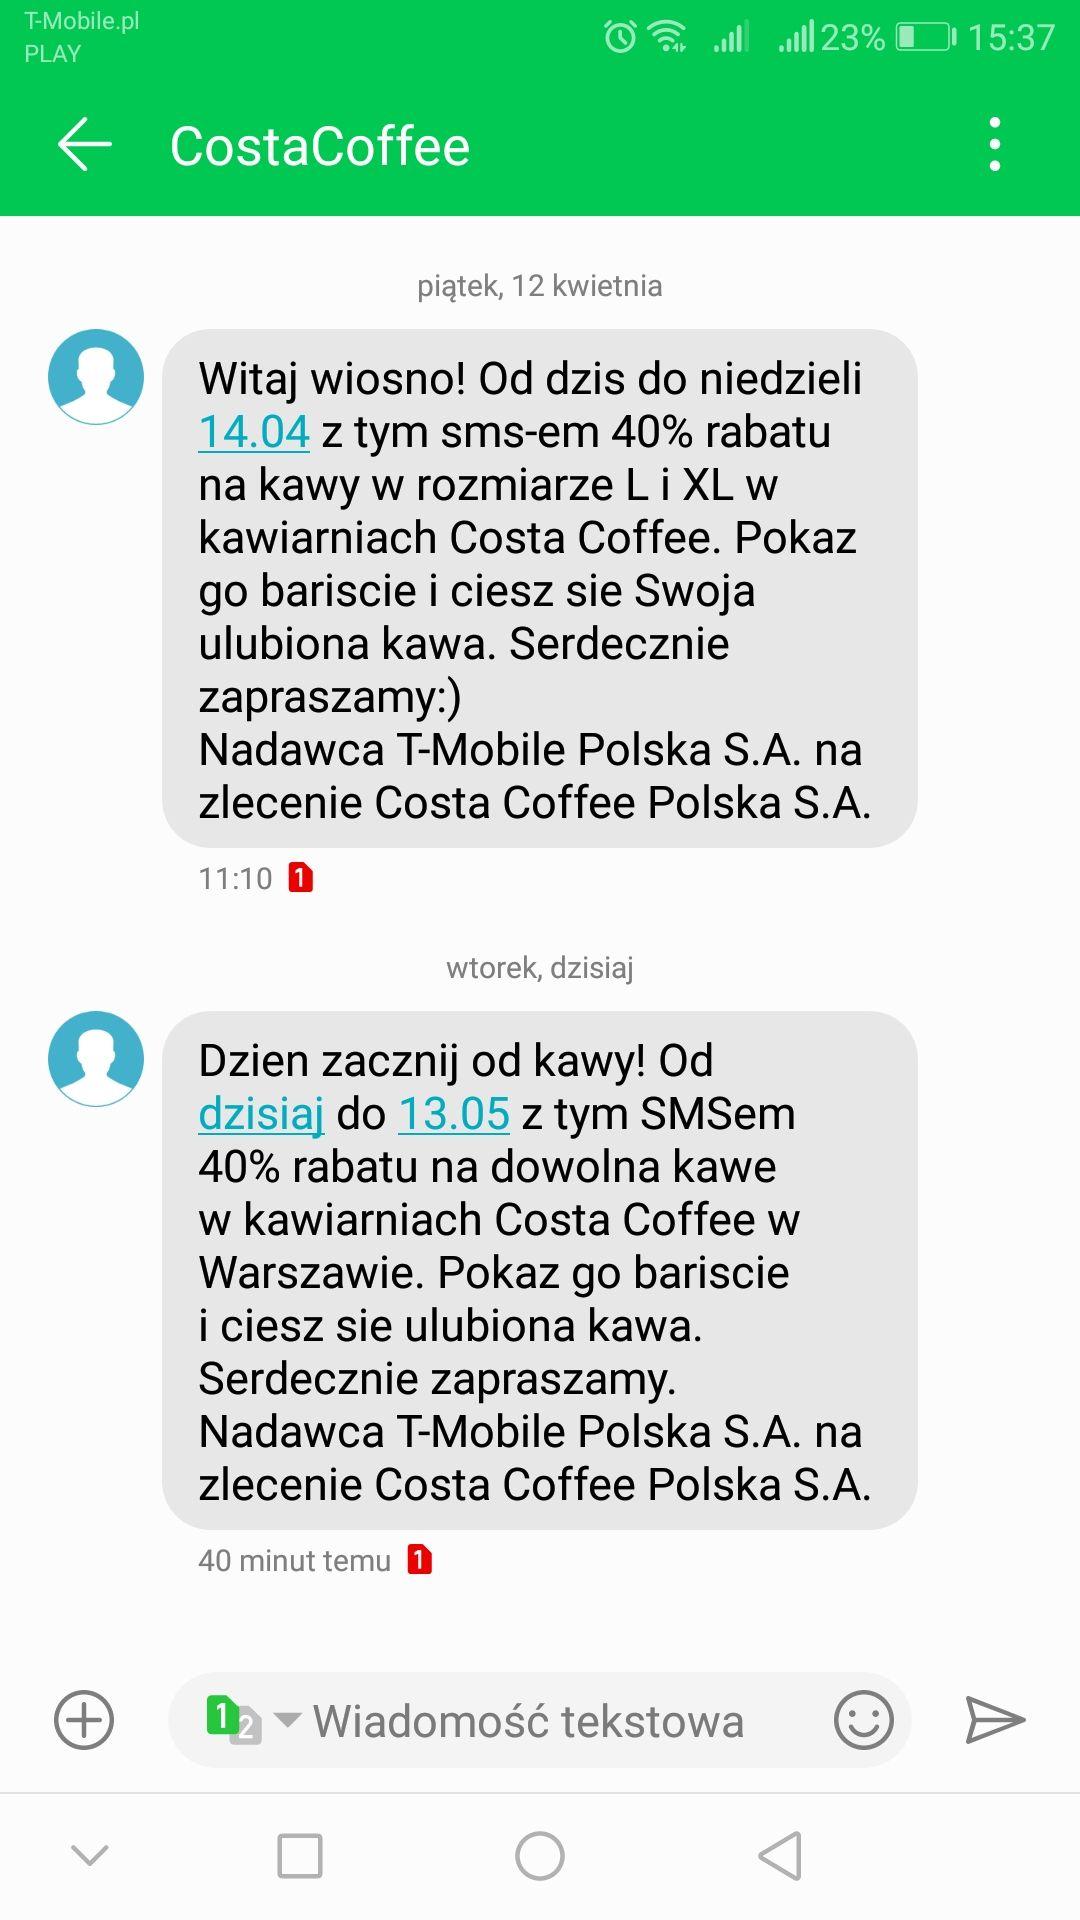 Zniżka 40% na kawy w costa coffee WARSZAWA.